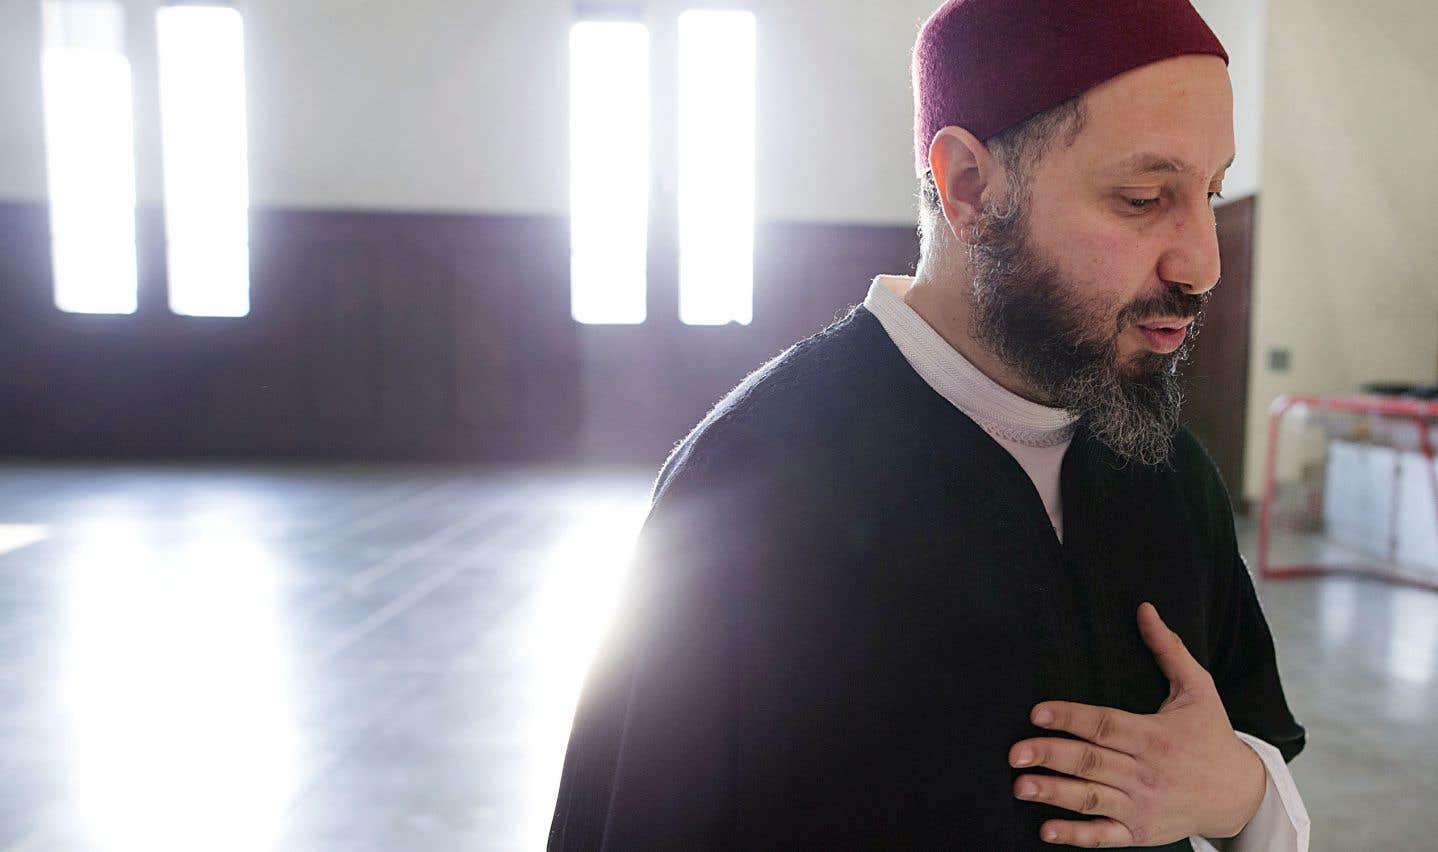 Les leçons à tirer de l'attentat contre la mosquée de Québec